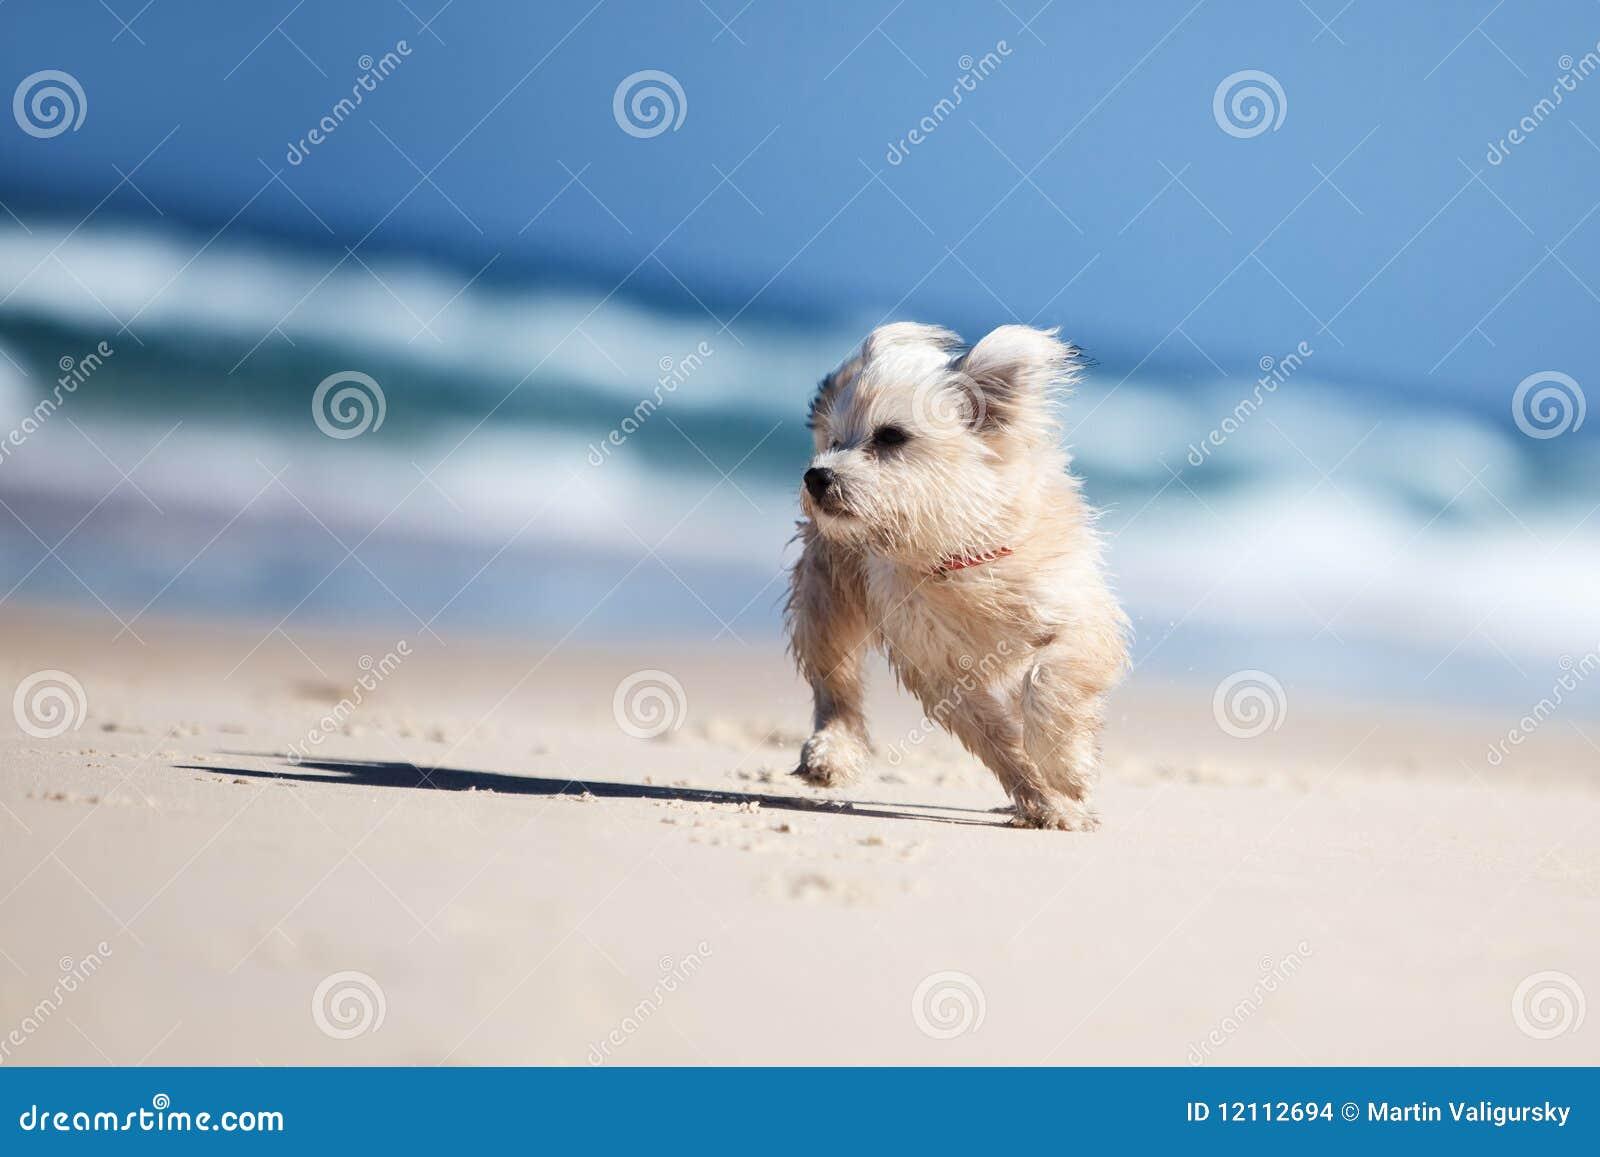 Small cute dog running on a white beach